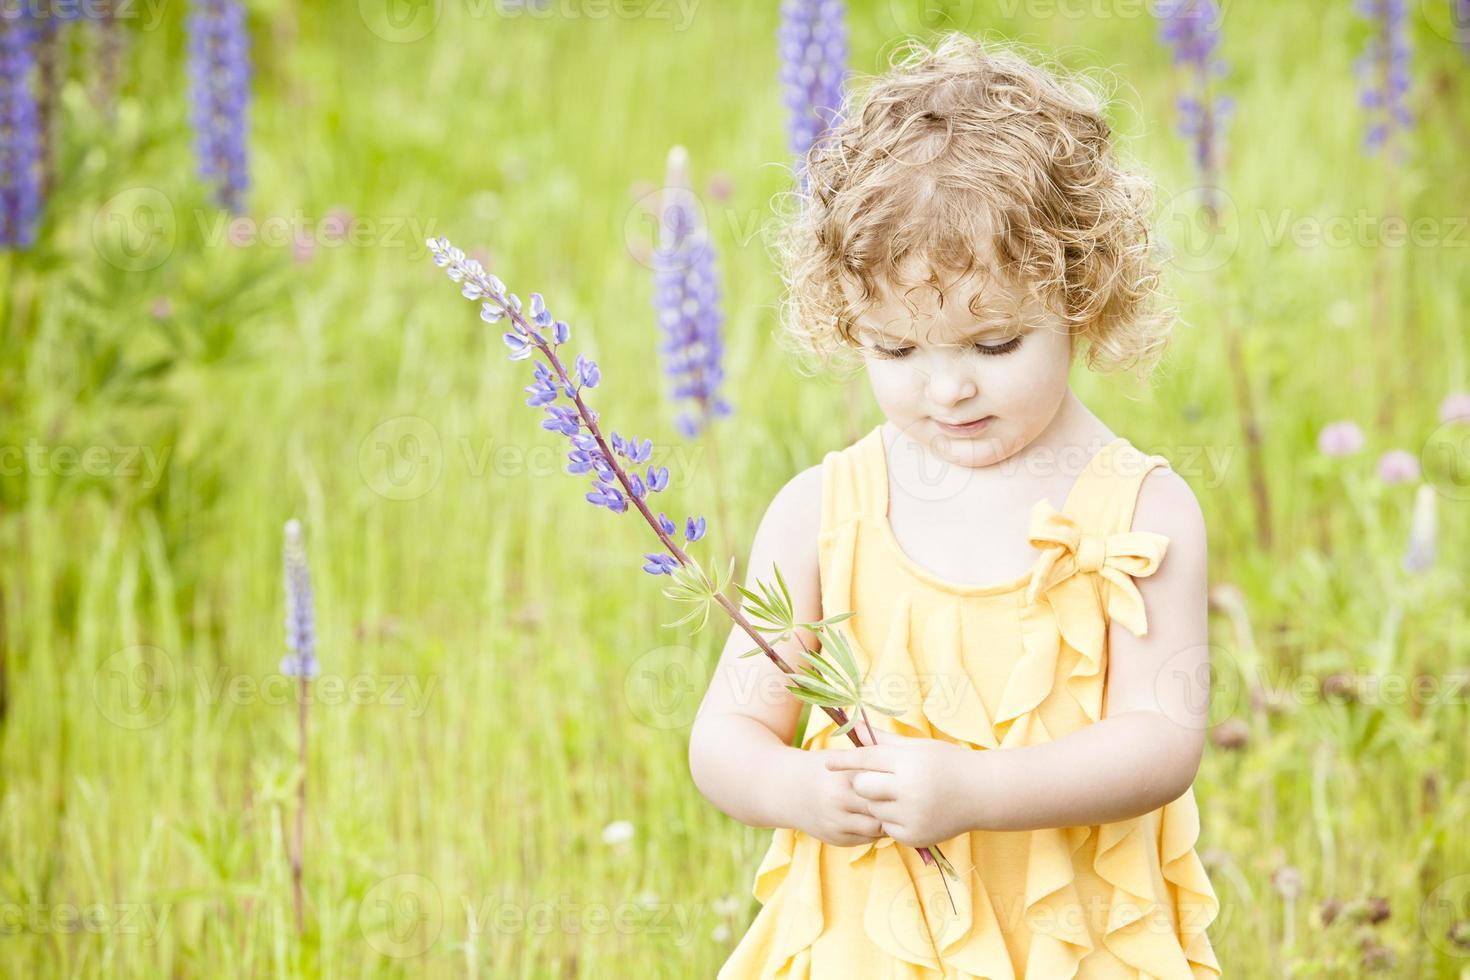 linda garota de pé no campo. foto